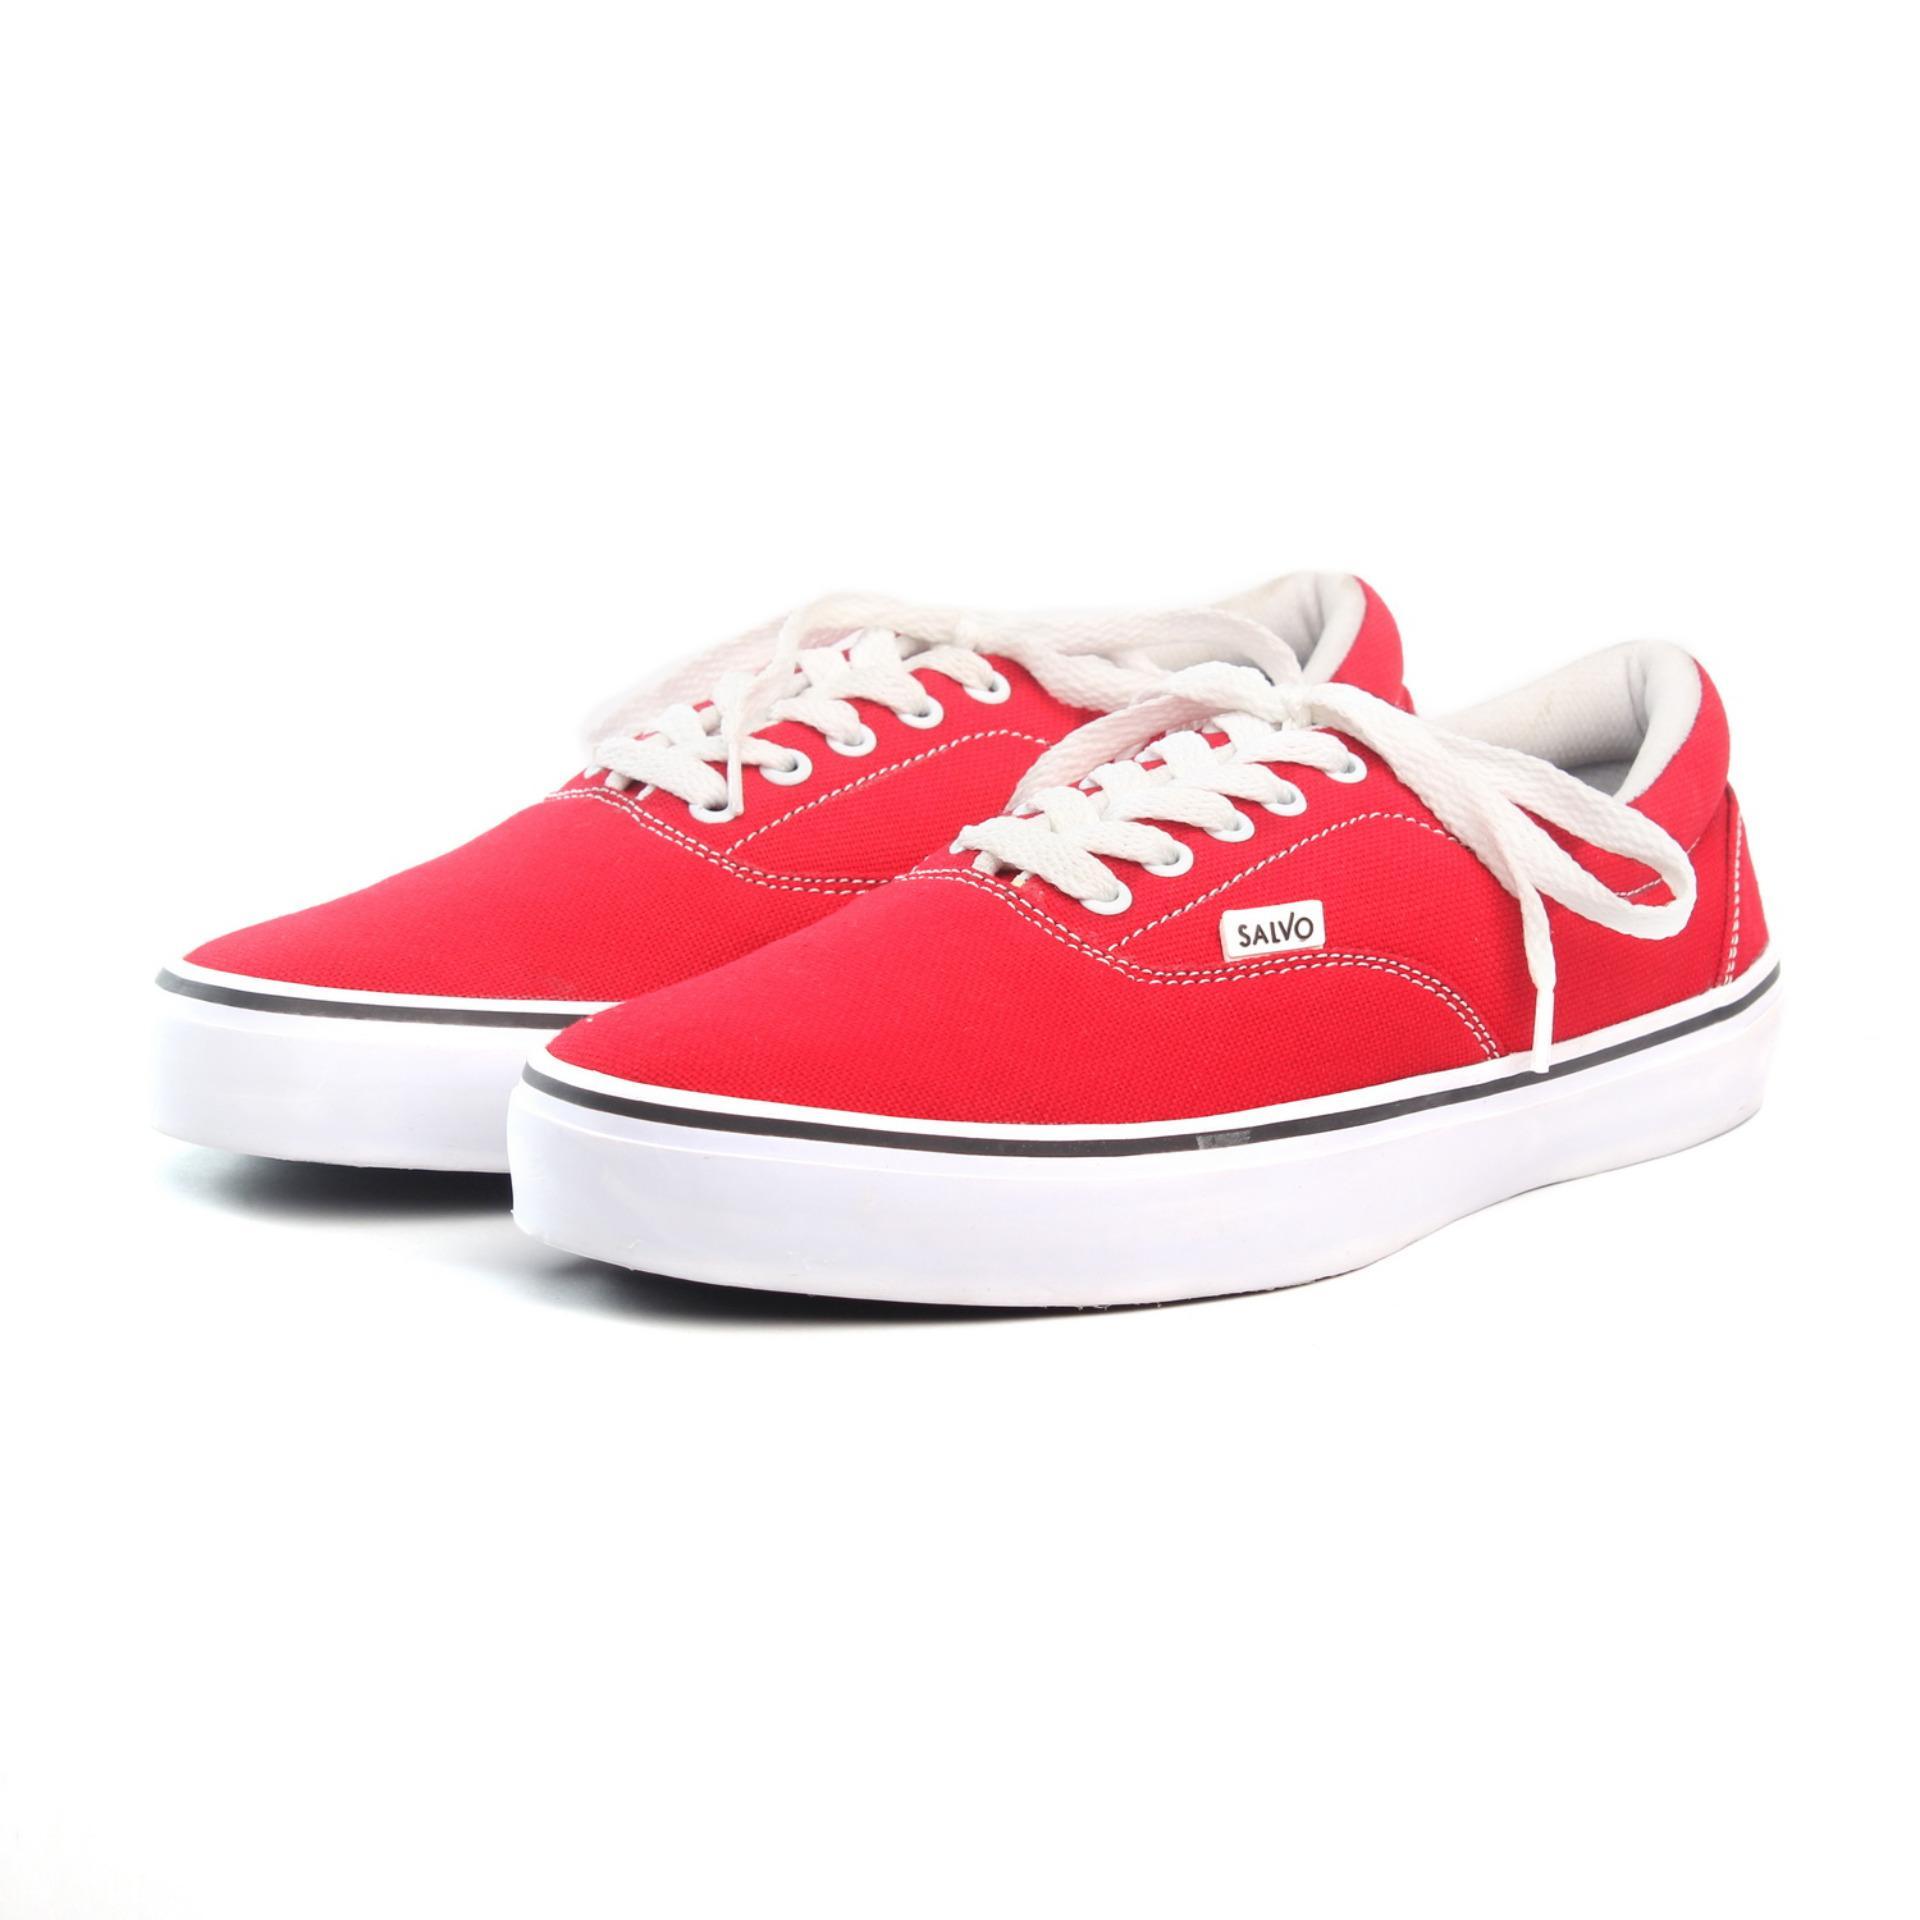 Beli Salvo Fashion Pria Sepatu Sepatu Pria Flat Shoes Flatshoes Sepatu Casual Sepatu Casual Pria Sepatu Cowo Sepatu Cowok Sepatu Flat Sepatu Murah Sepatu Pria Casual Sepatu Pria Murah Sepatu Sneakers Sepatu Sneakers Pria A03 Merah Salvo